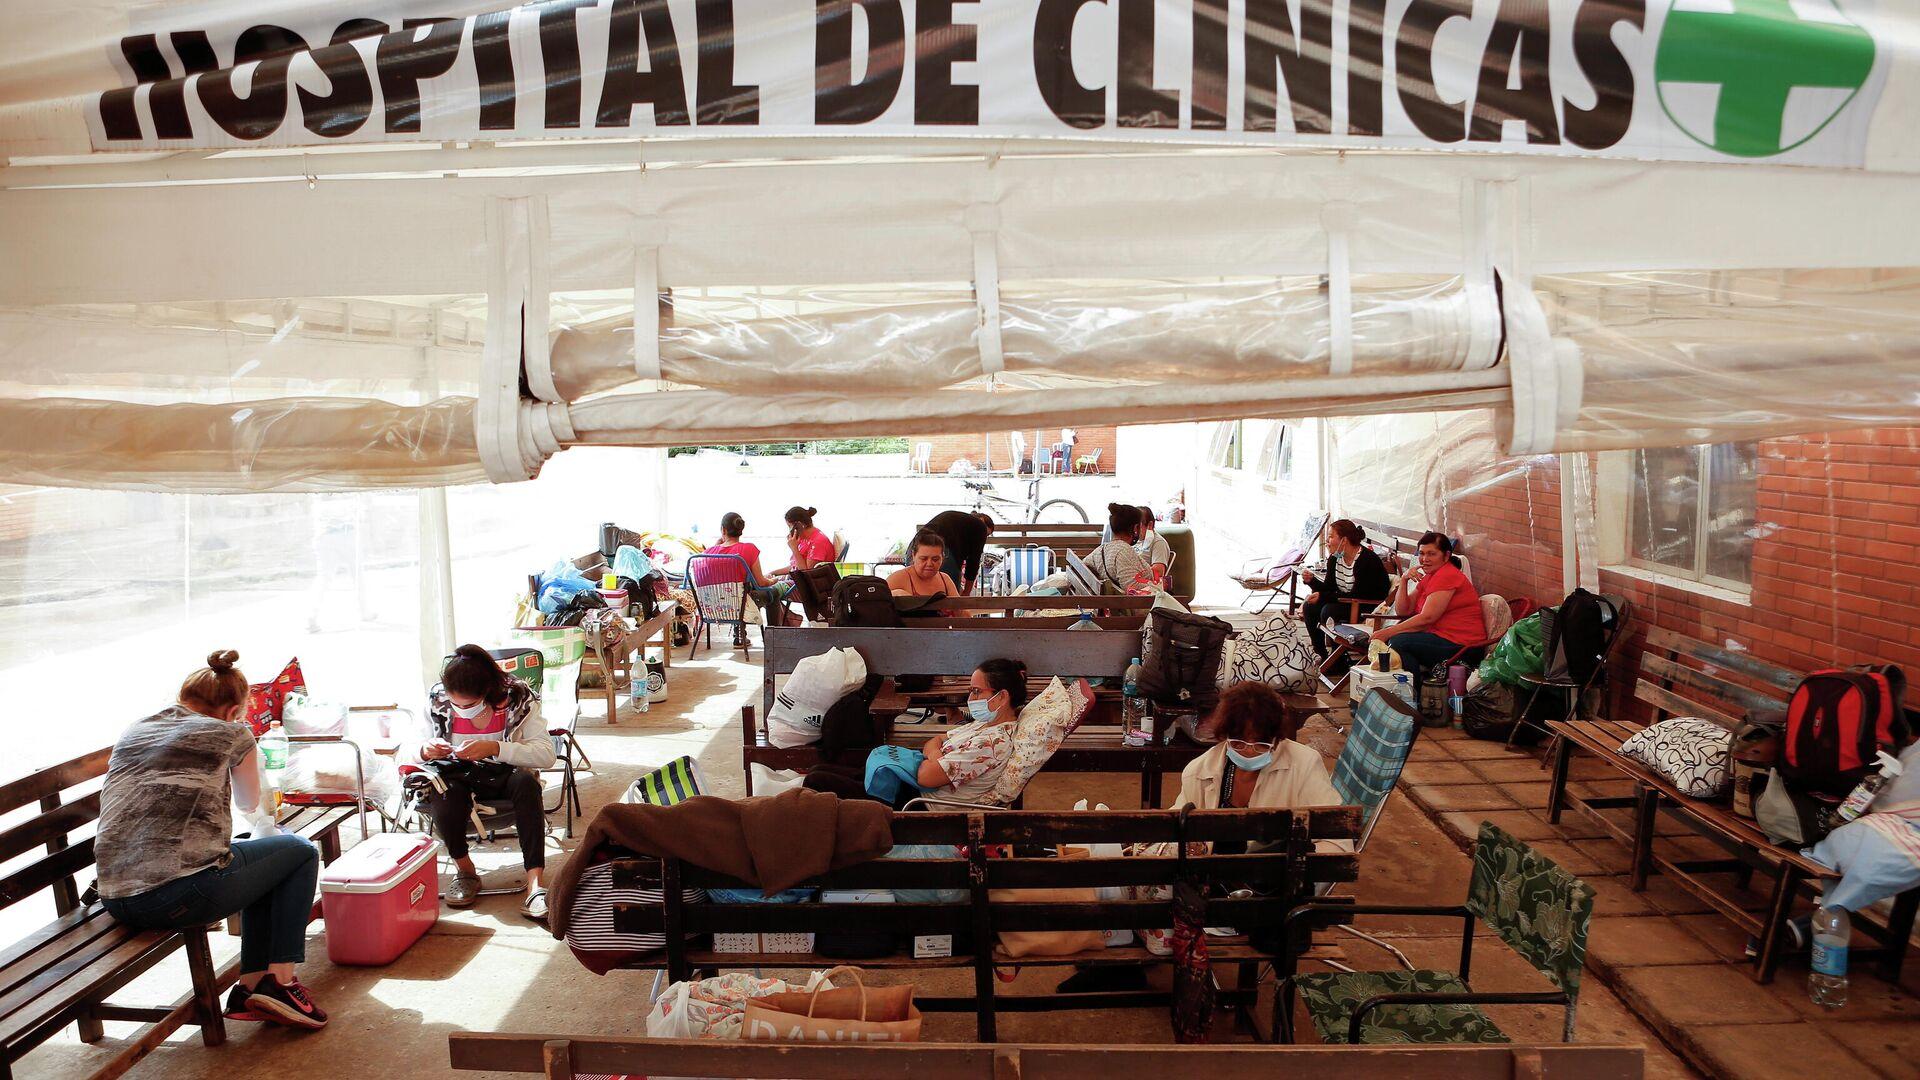 Pacientes con COVID-19 en el Hospital de Clinicas en San Lorenzo, Paraguay - Sputnik Mundo, 1920, 19.03.2021